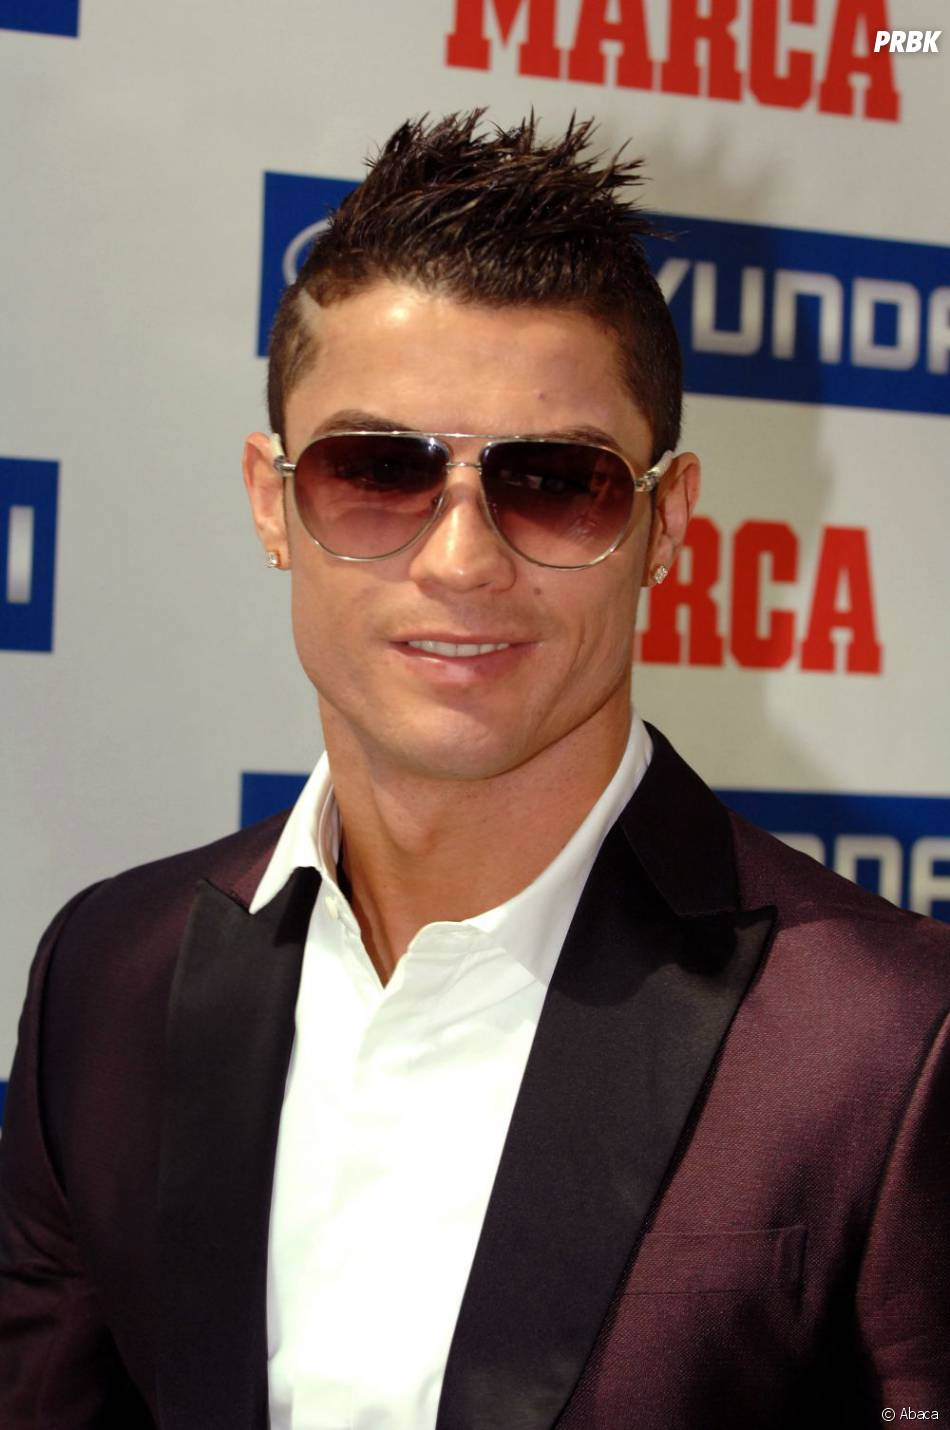 Cristiano Ronaldo : CR7 est le père d'un petit garçon prénommé Cristiano Jr.